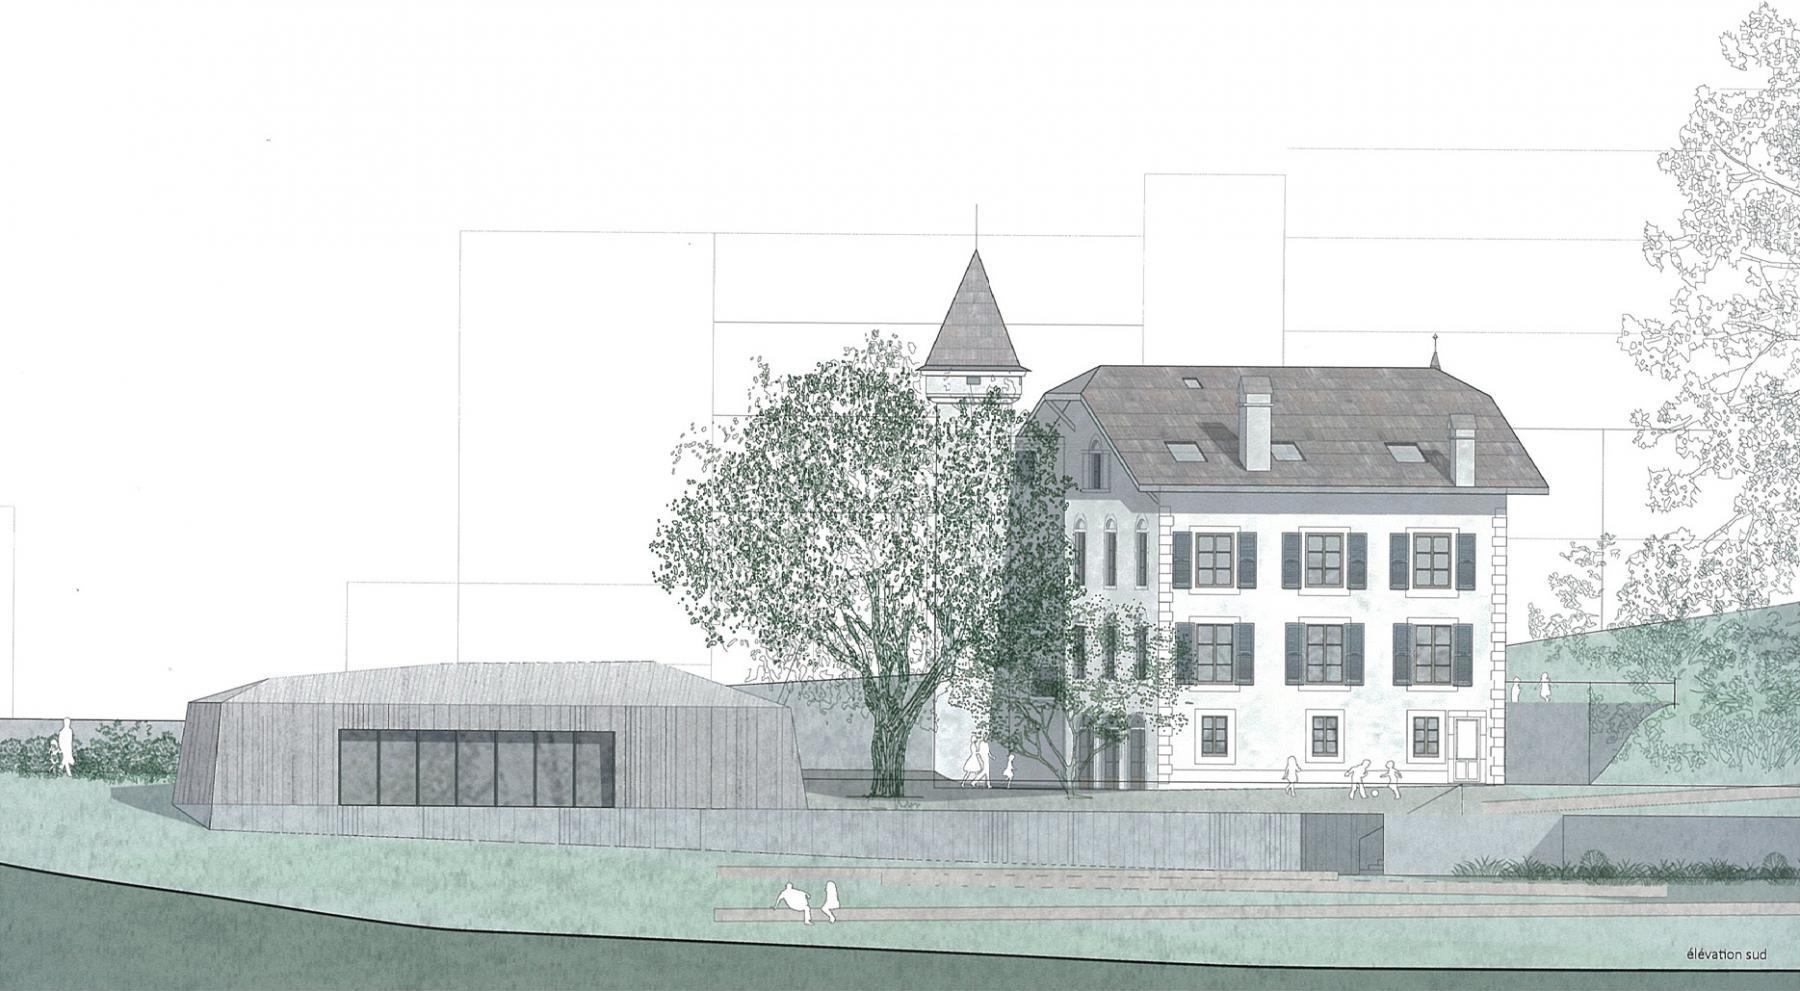 Rénovation et affectation en unité d'accueil pour écoliers (UAPE) de la maison «Gubler» + jardin public, Nyon, Dettling Péléraux + VWA Verzone Woods, mowgli